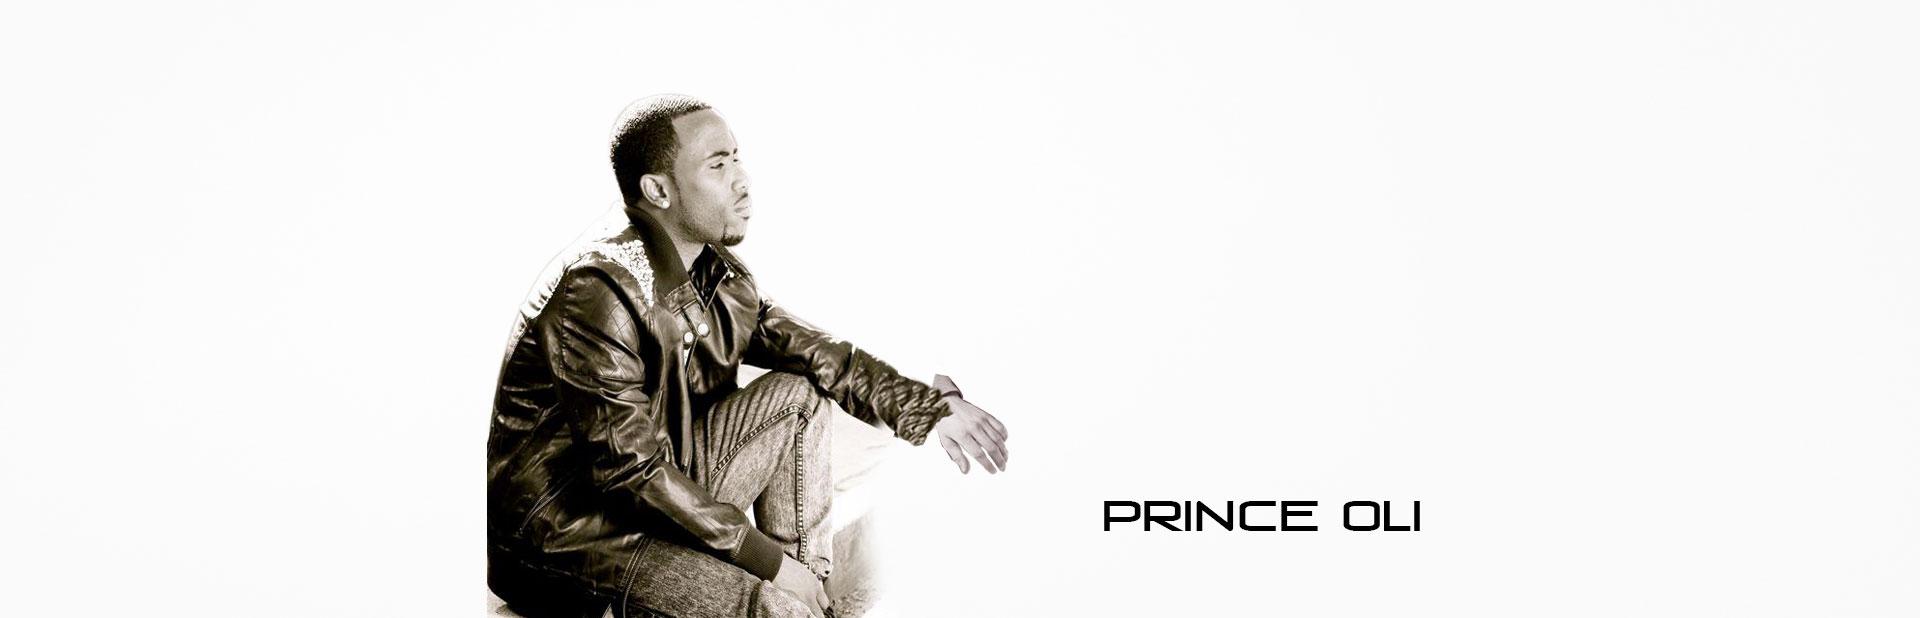 Prince Oli